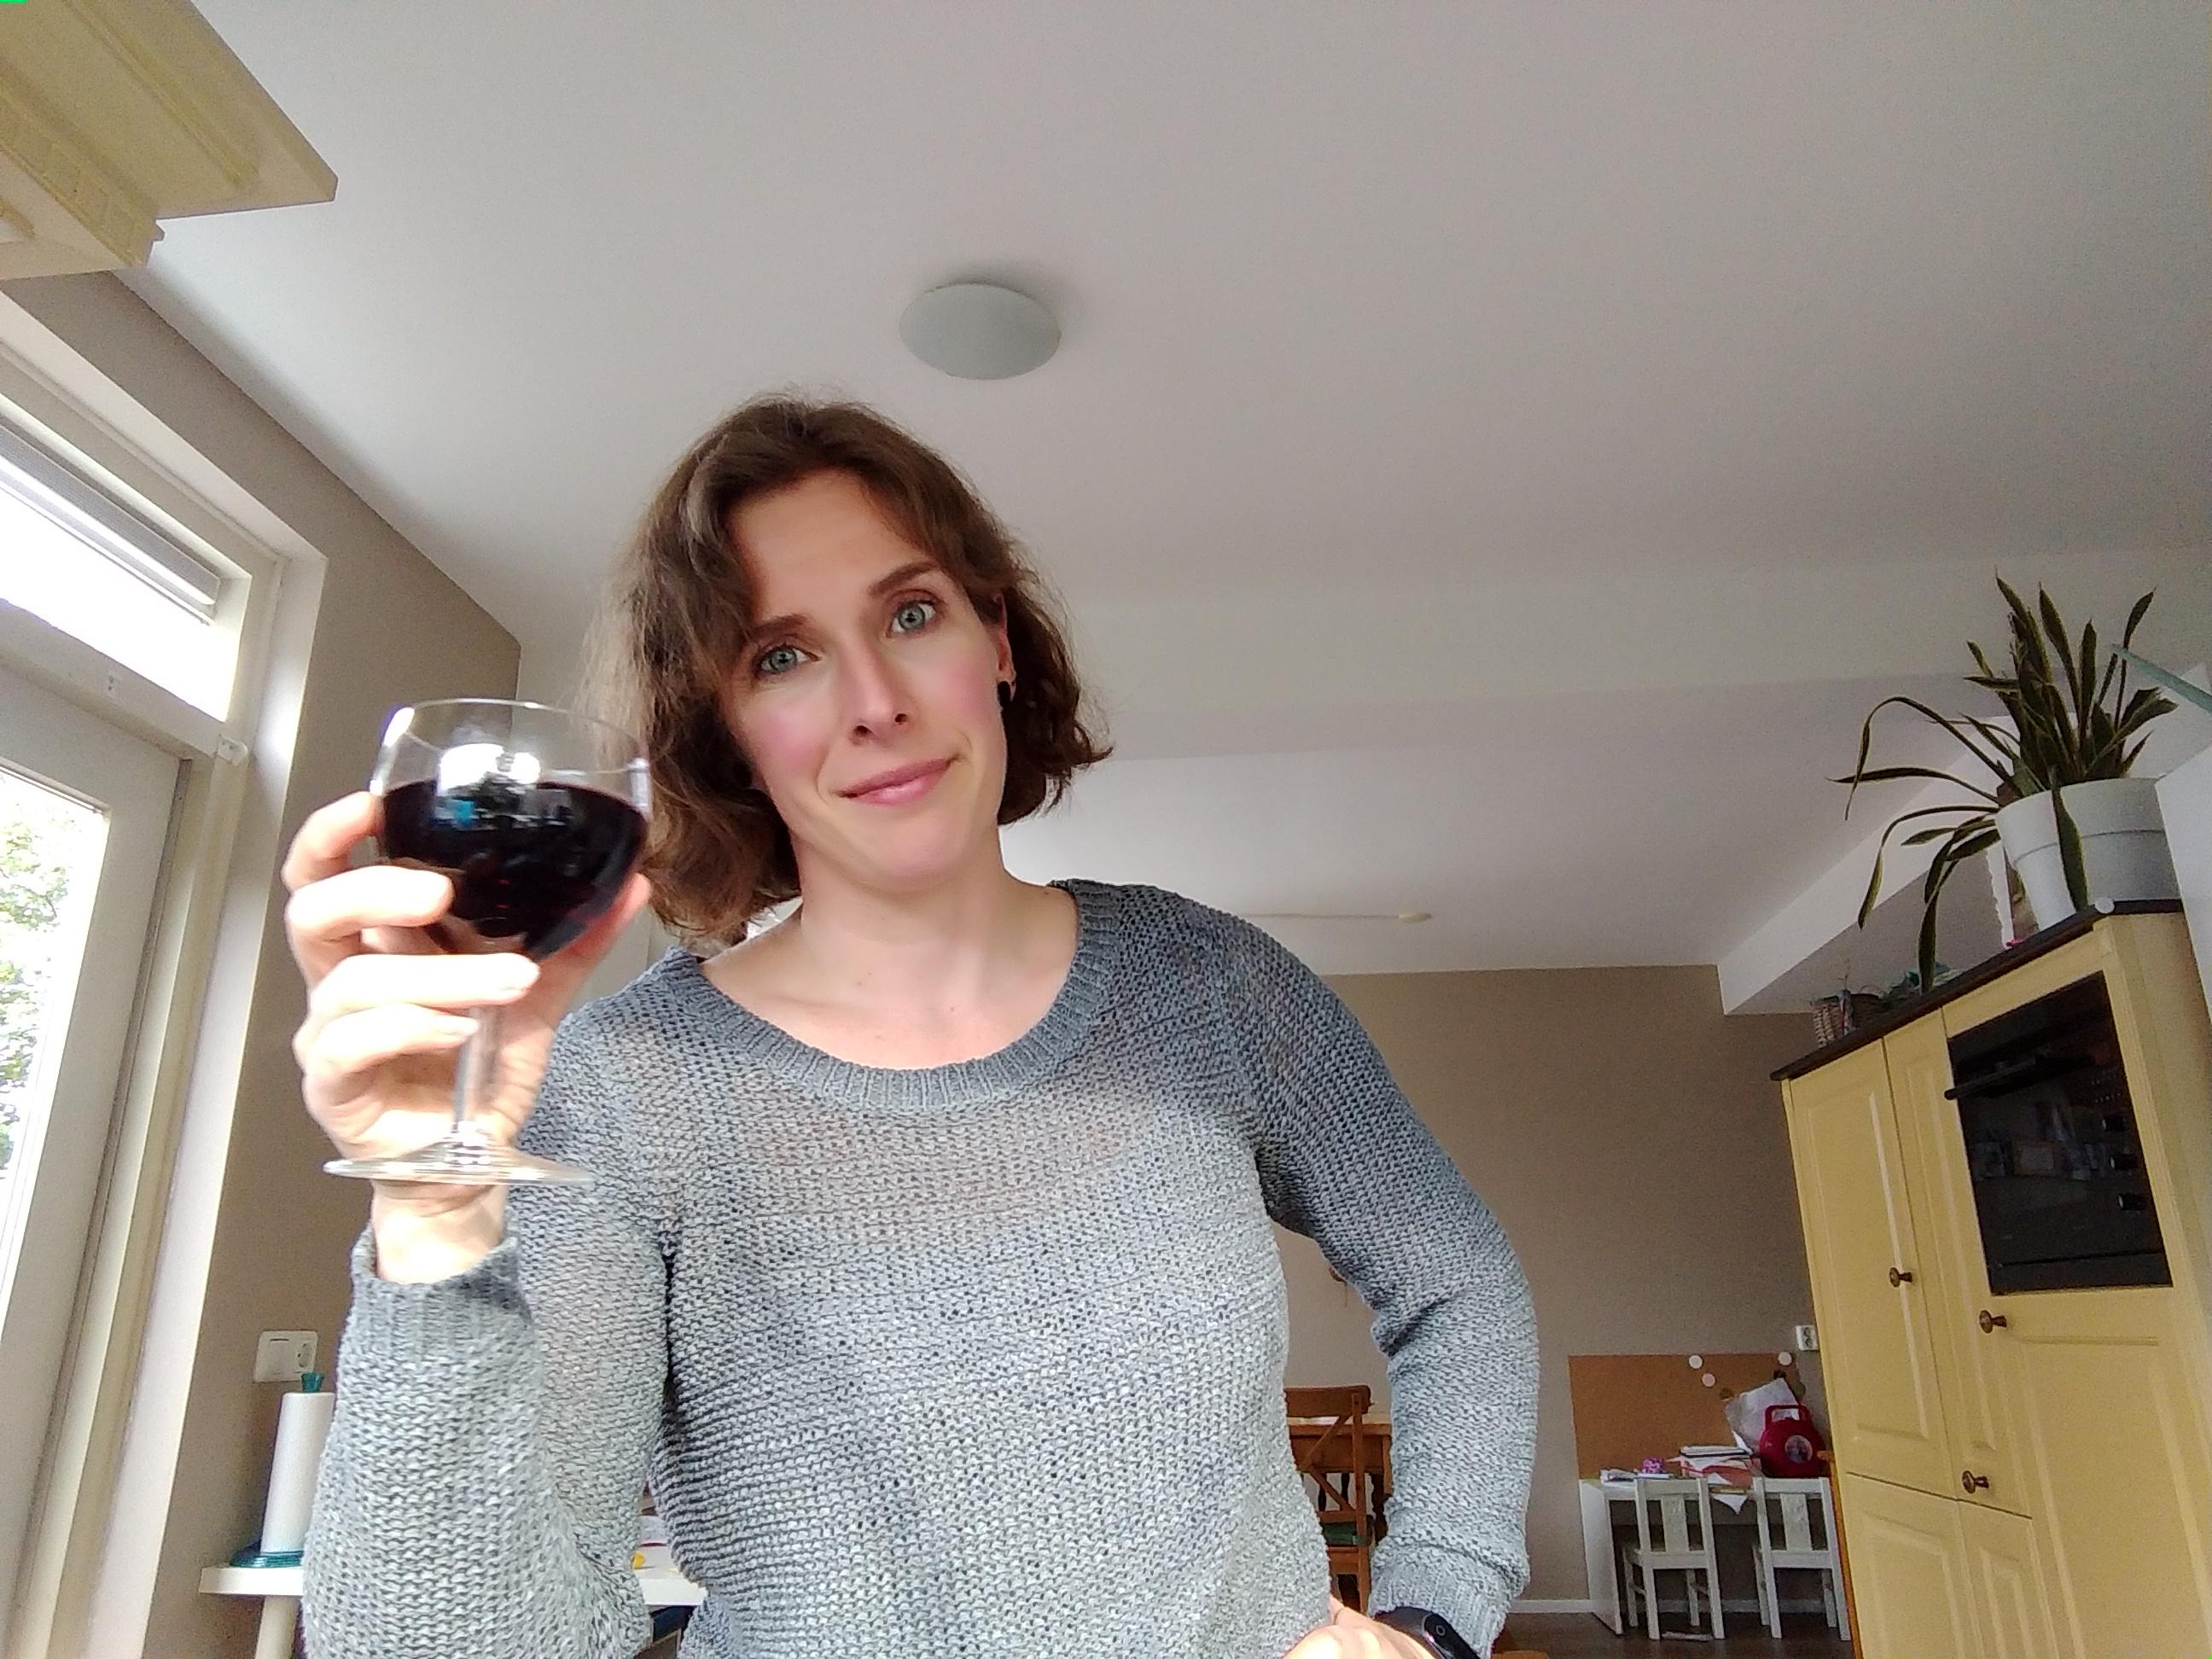 op je bek gaan, twijfelen, keuzes, personal, blog, mamablog, mamalifestyle blog, persoonlijke ontwikkeling, lalogblog, lalog.nl, rode wijn, proost, wijn drinken